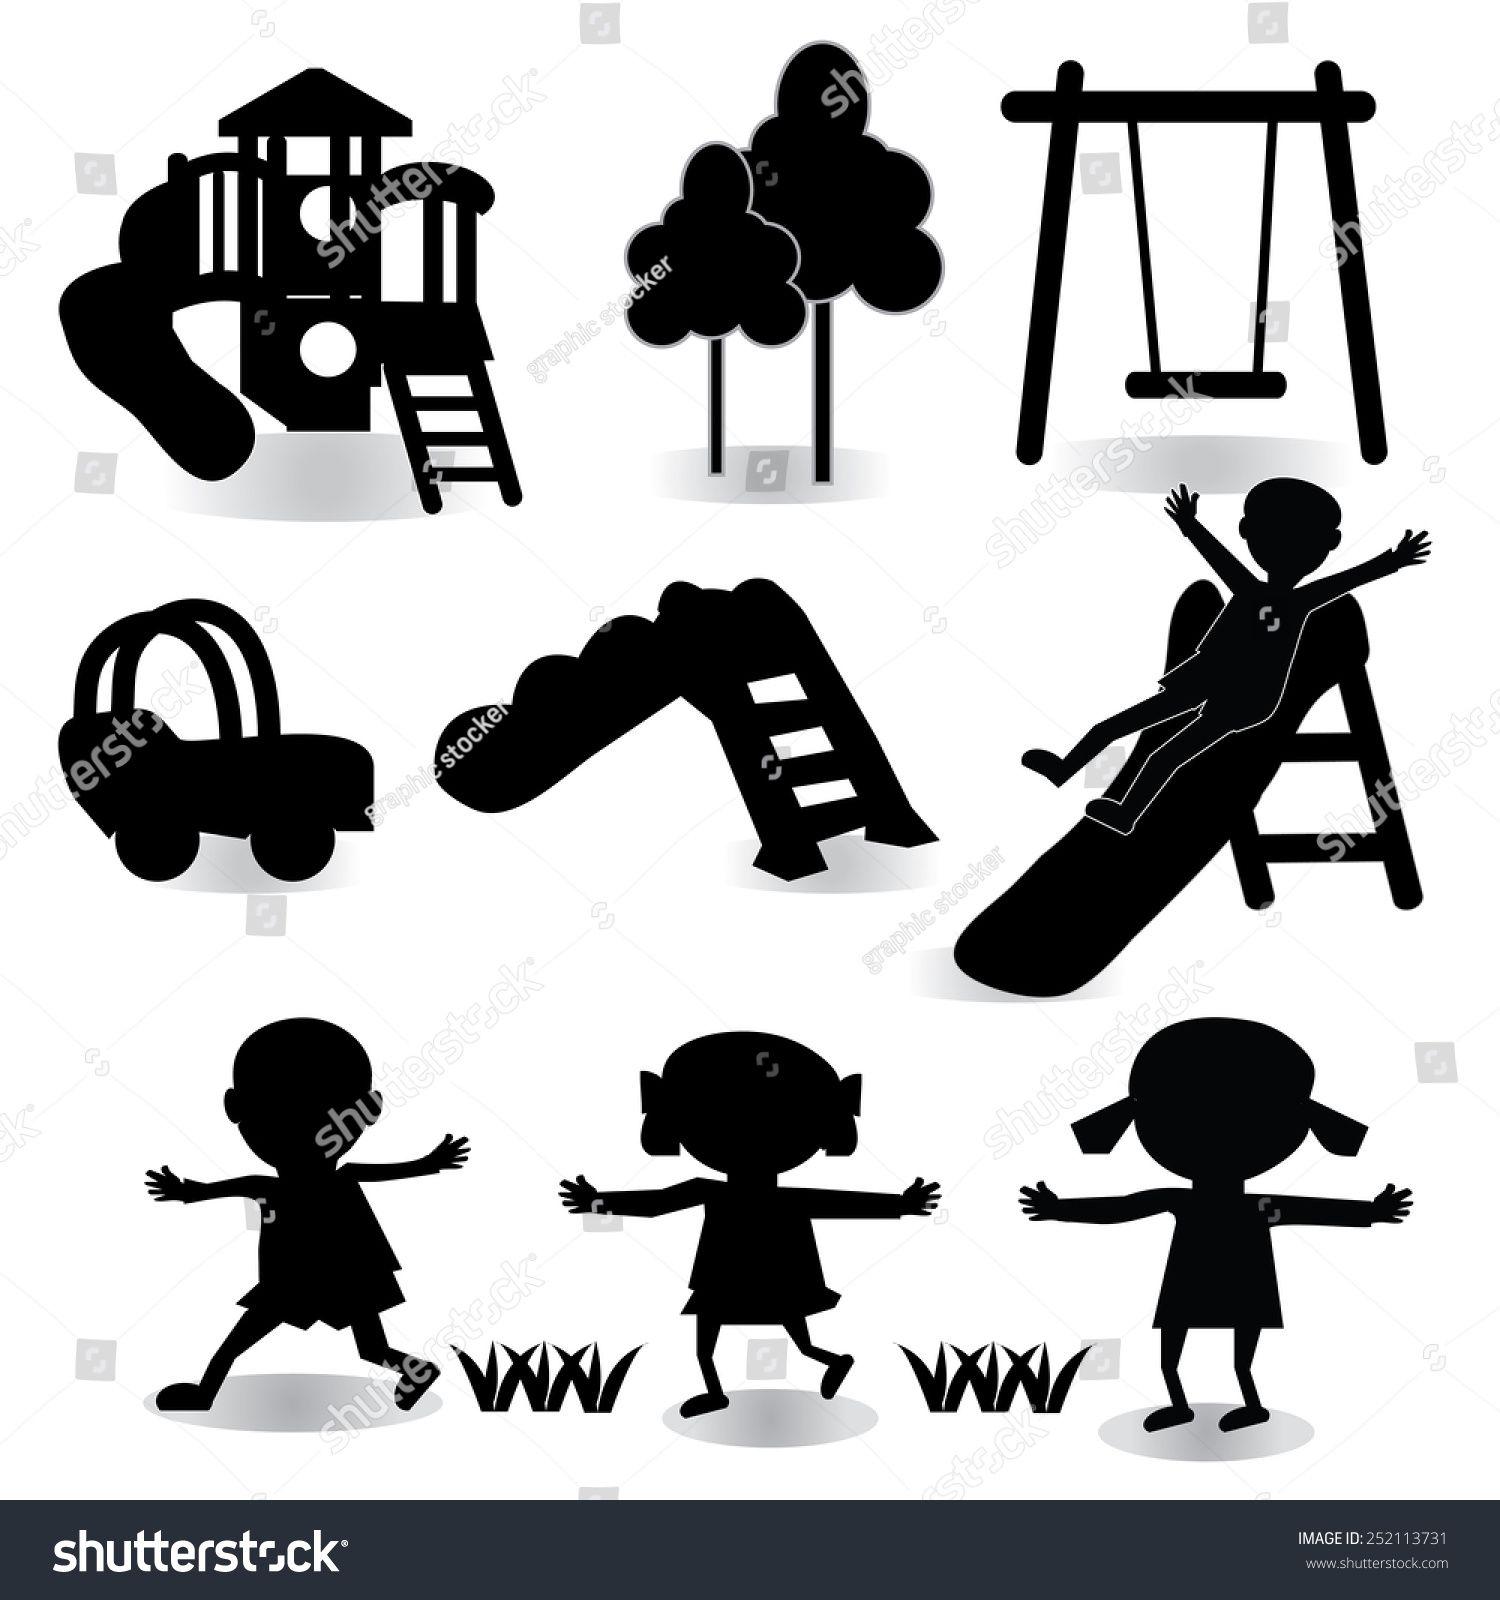 Children play on playground. Pictogram icon set .children